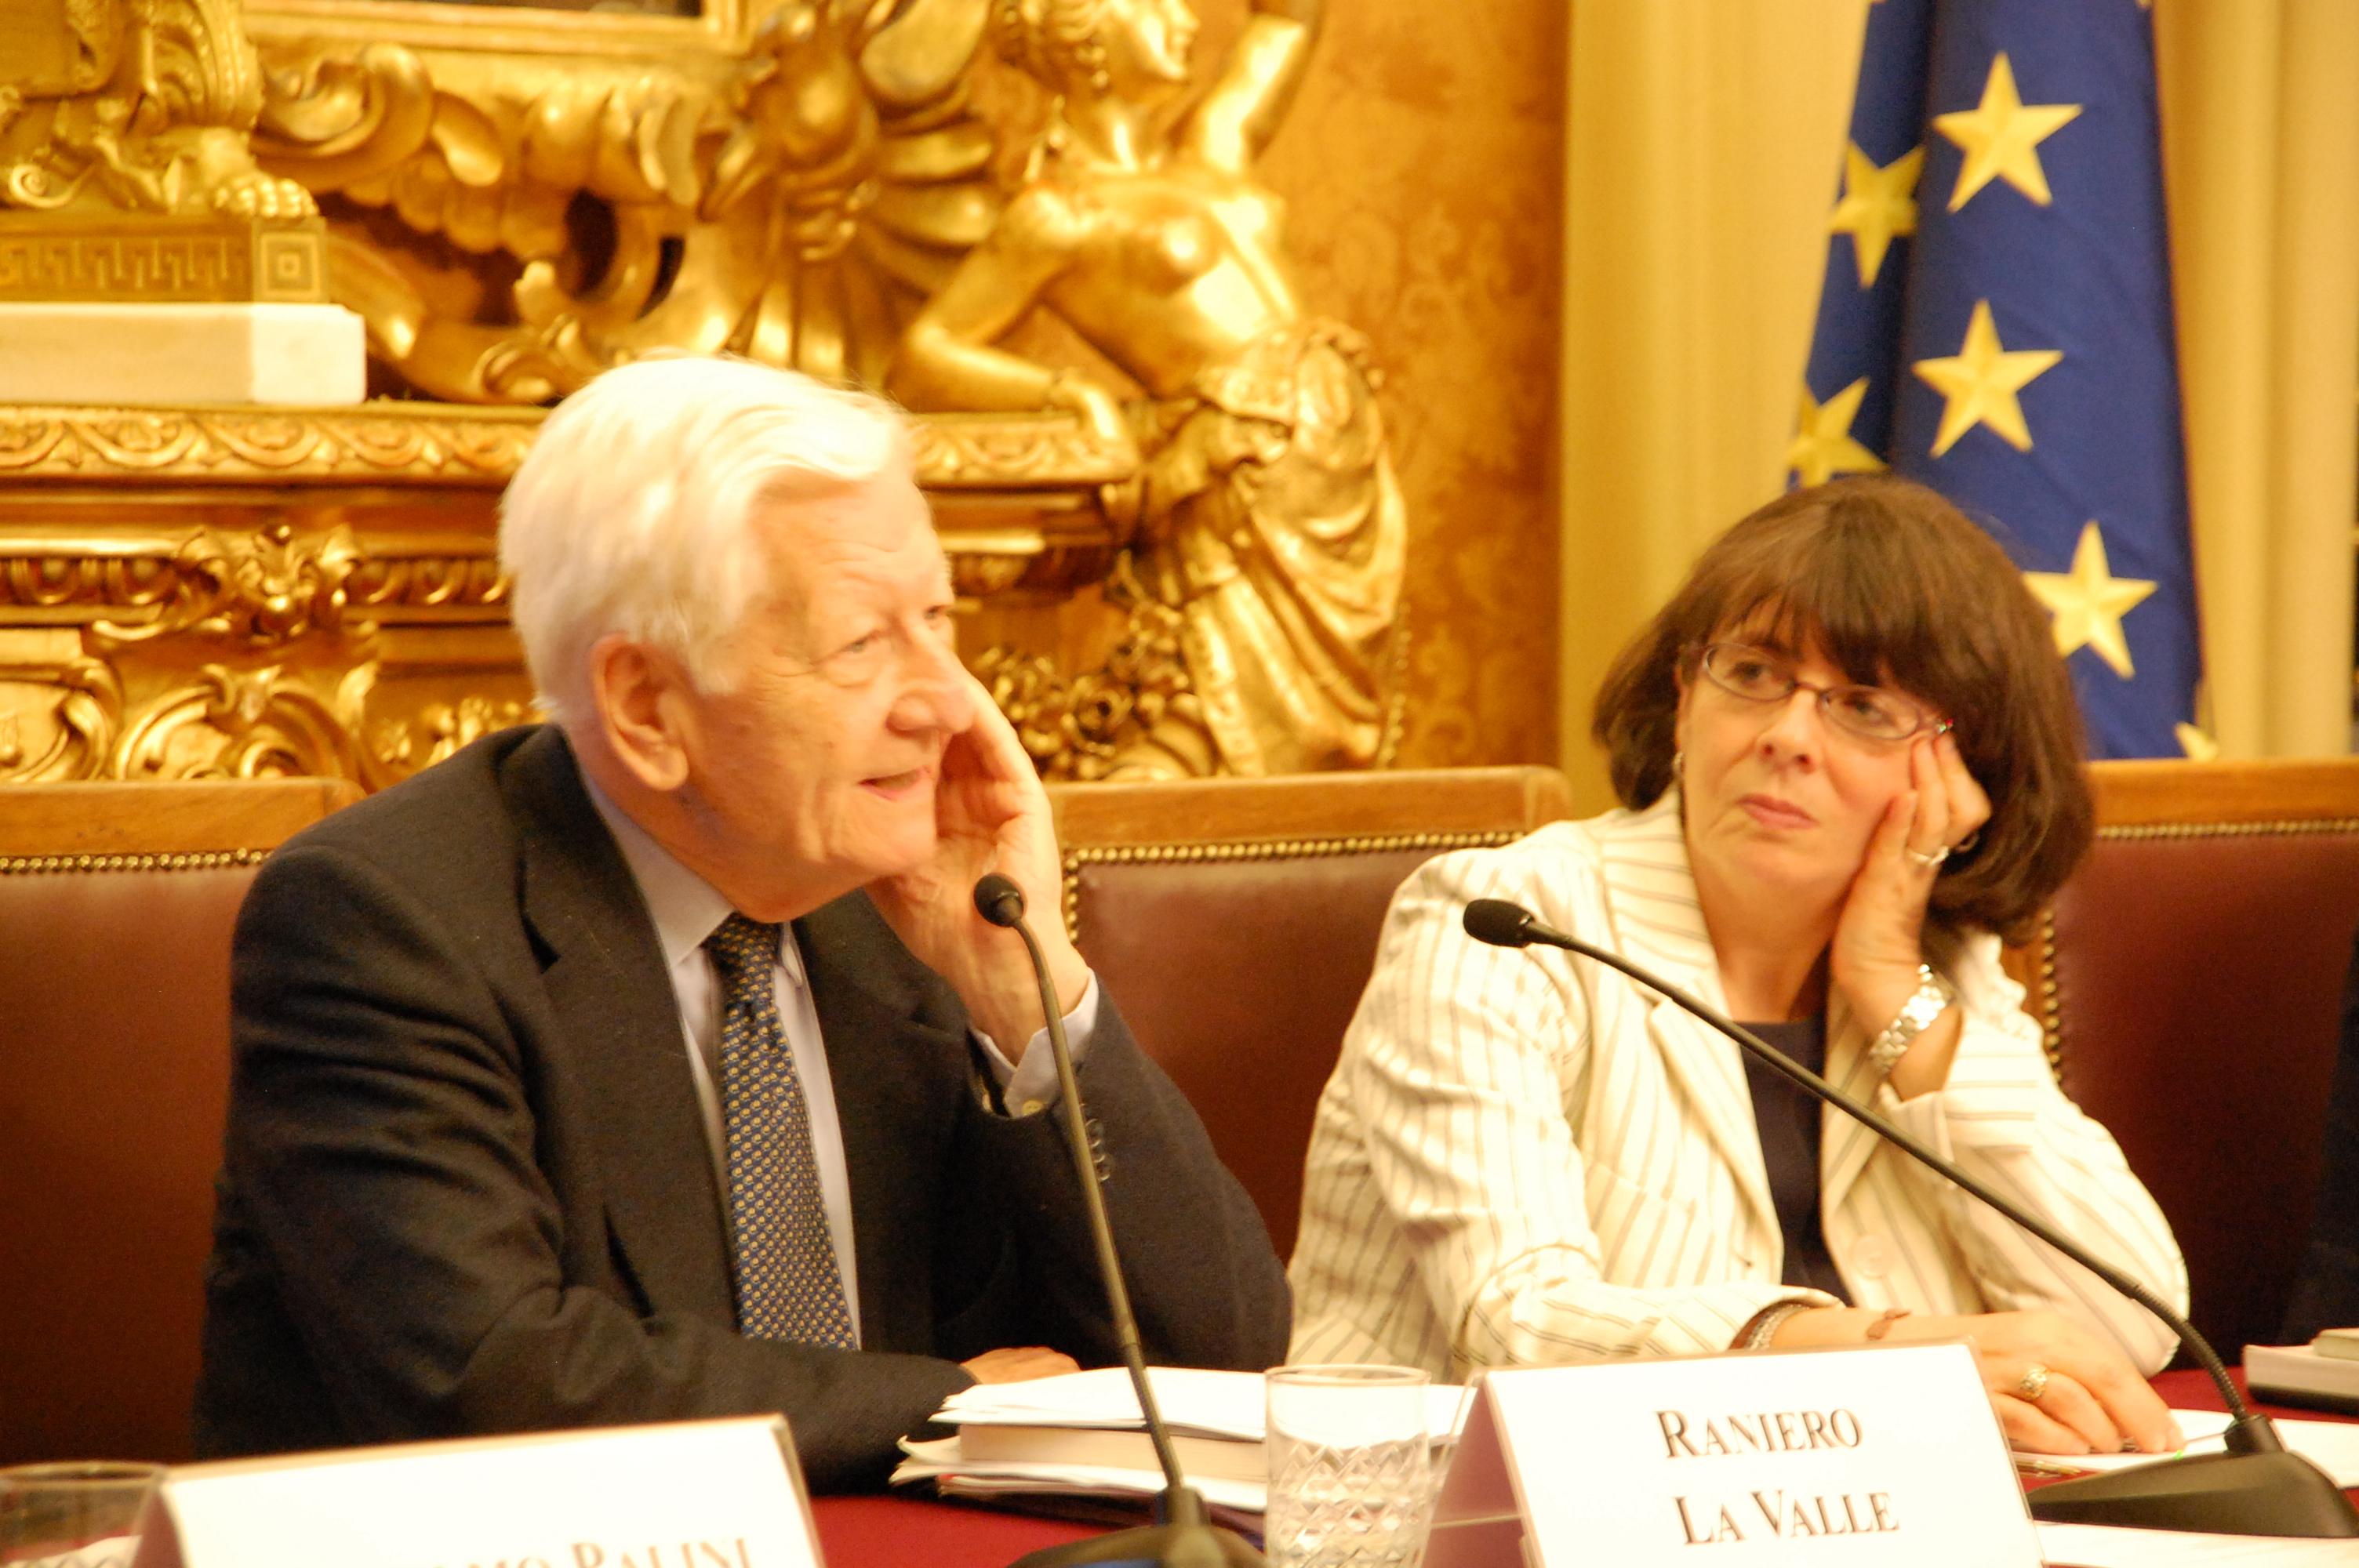 Il Professor Raniero La Valle e l'onorevole Marina Sereni